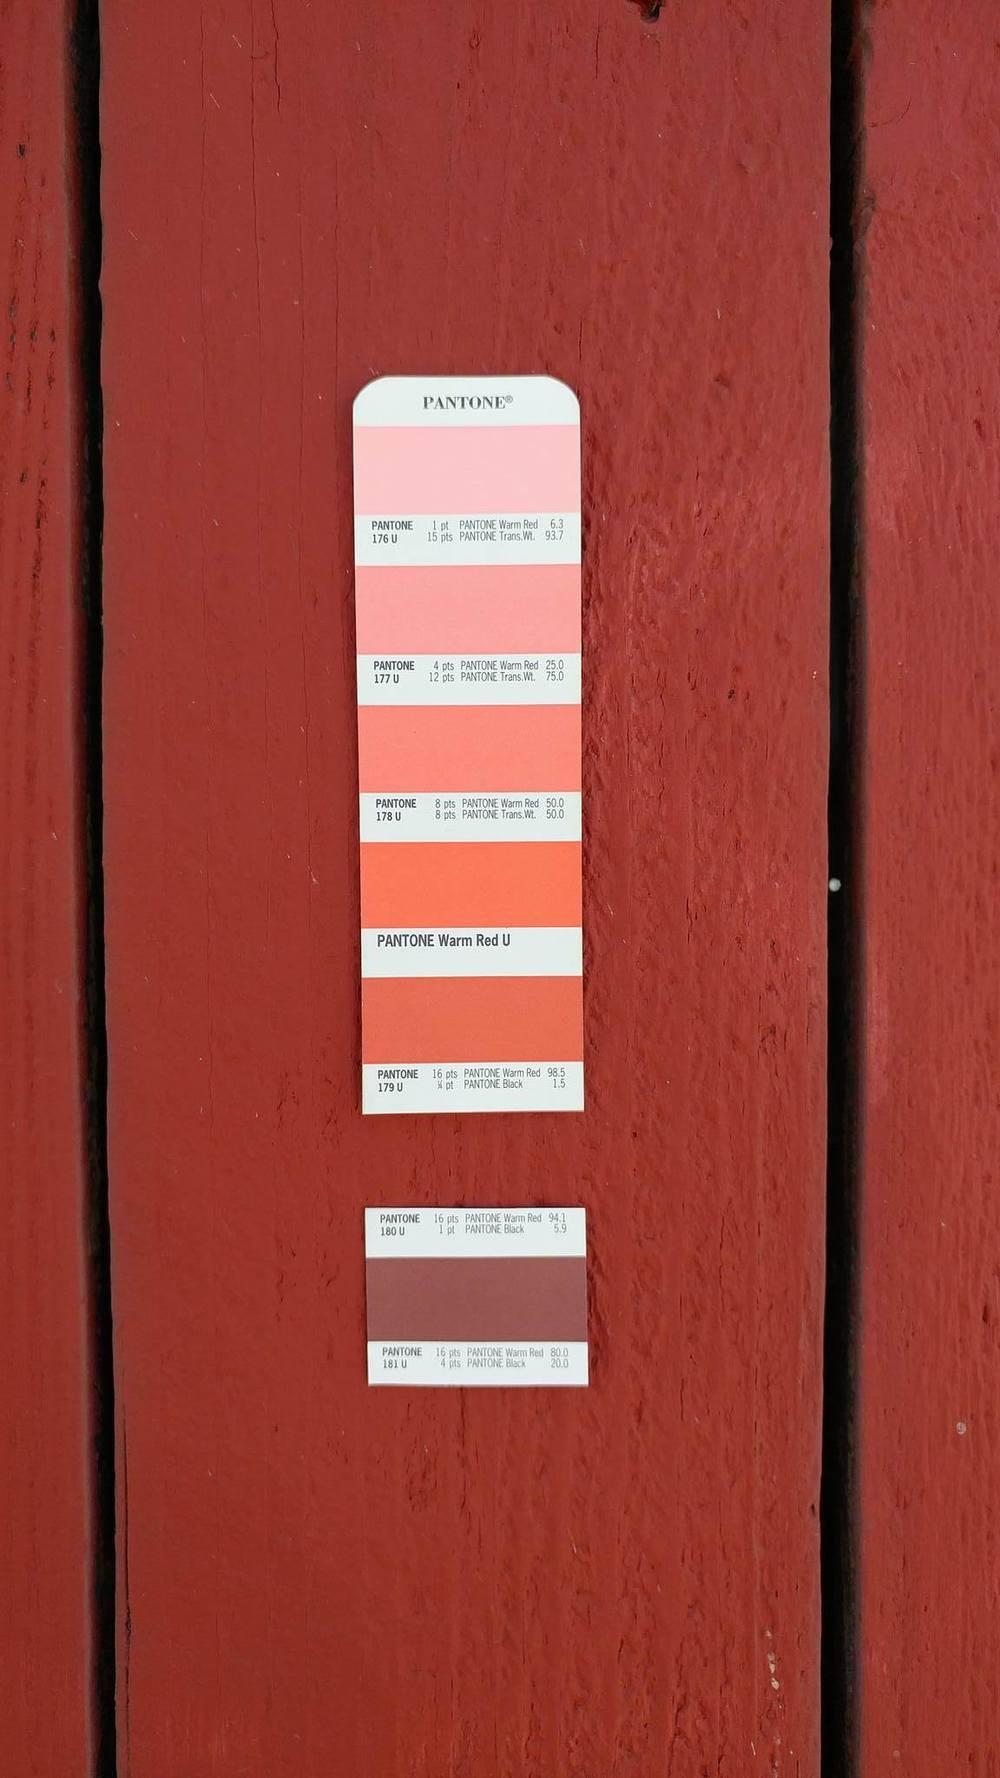 Pantone 180U / Wood Fence